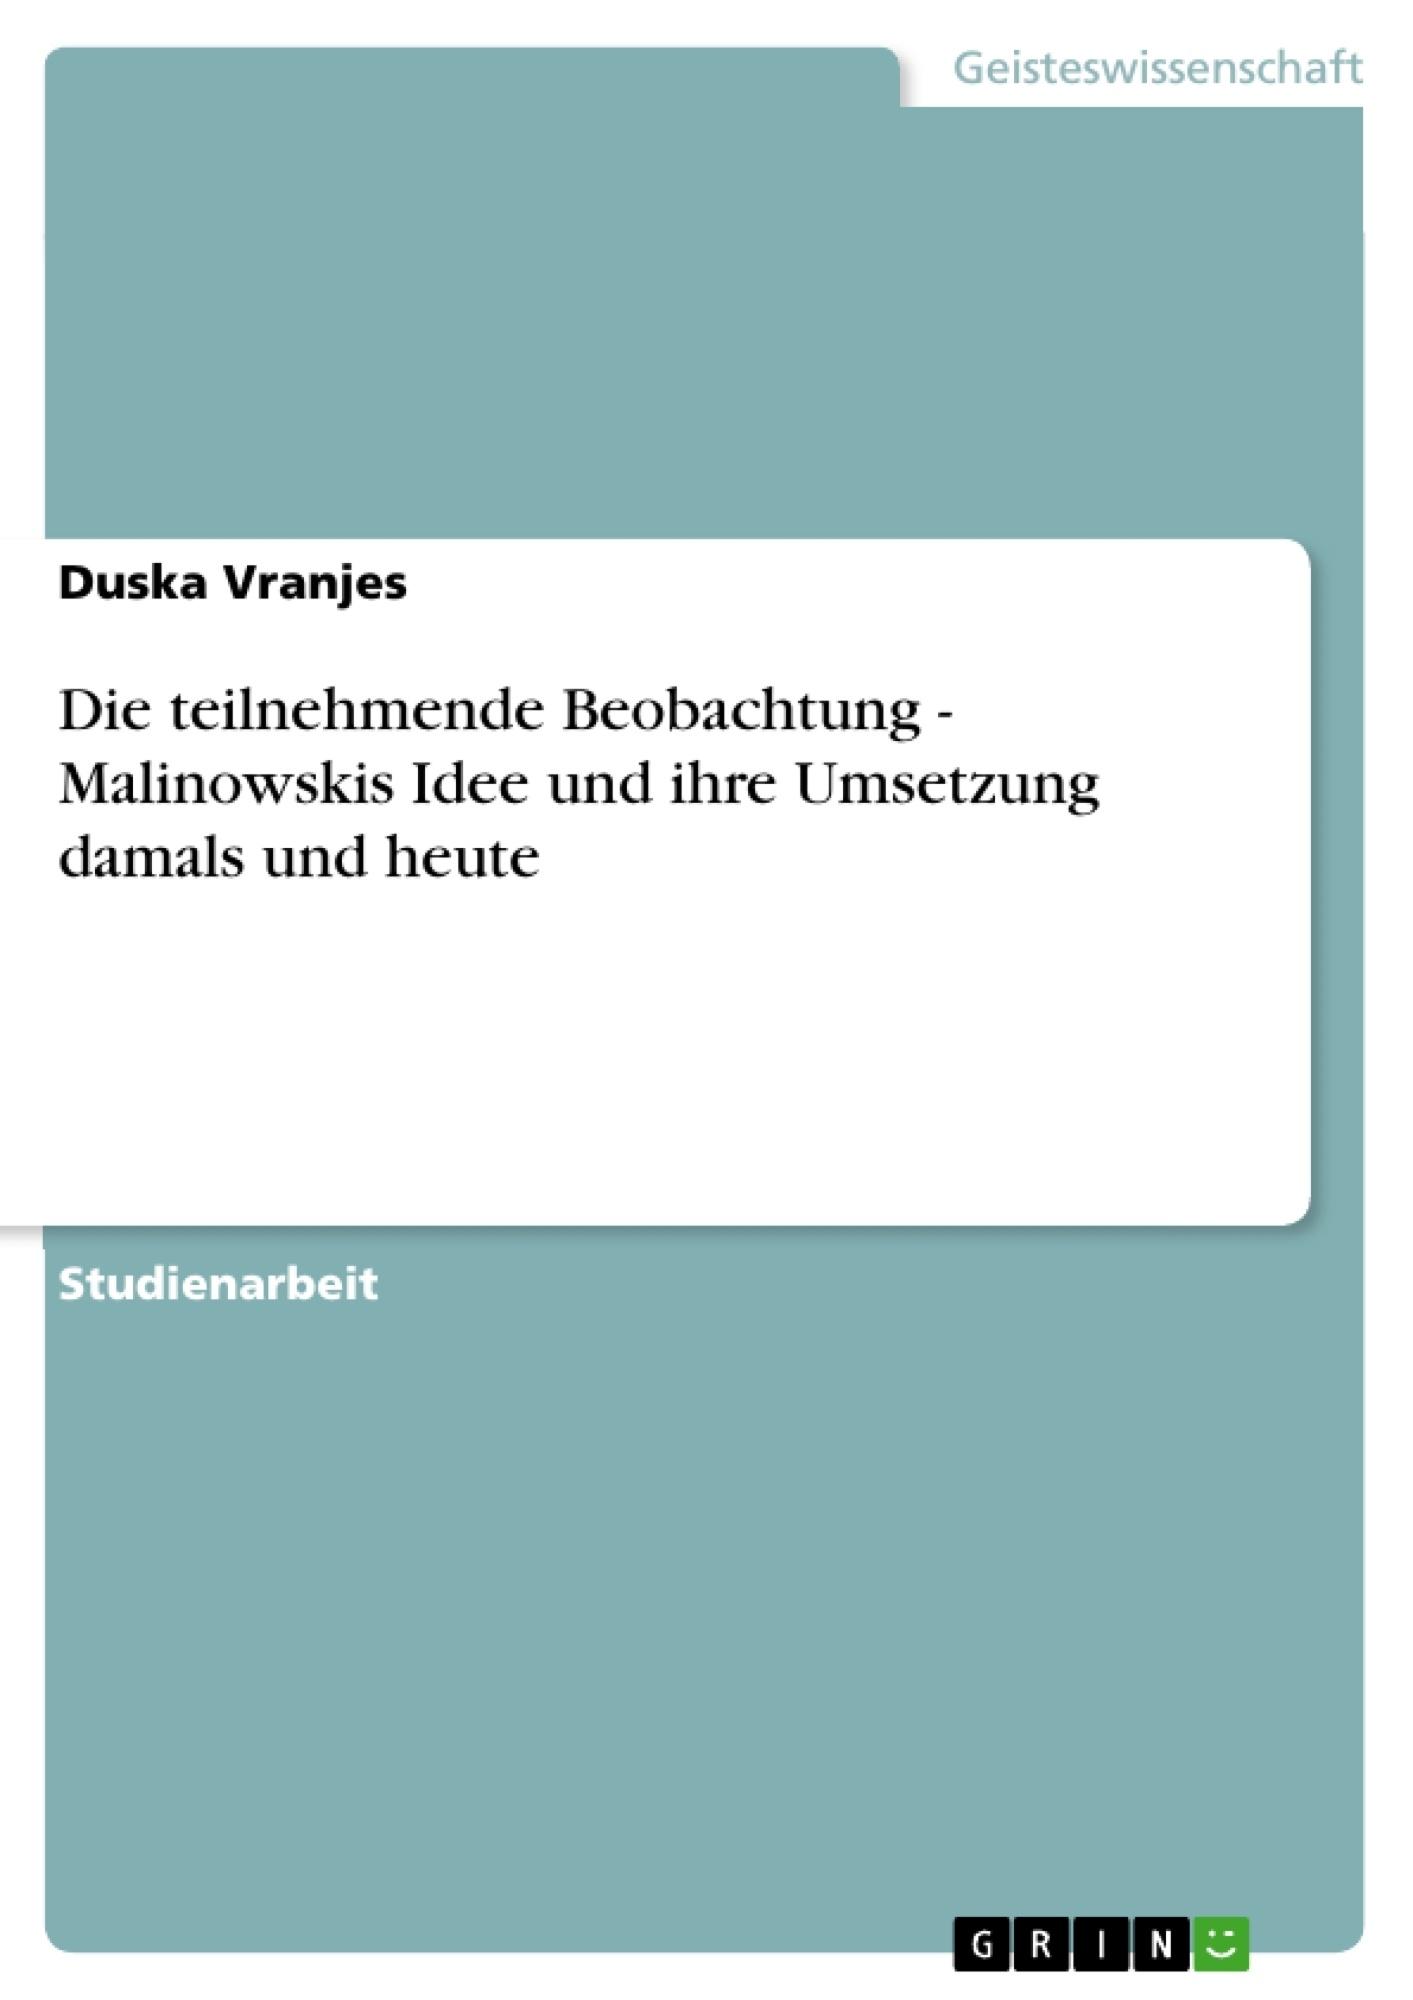 Titel: Die teilnehmende Beobachtung - Malinowskis Idee und ihre Umsetzung damals und heute